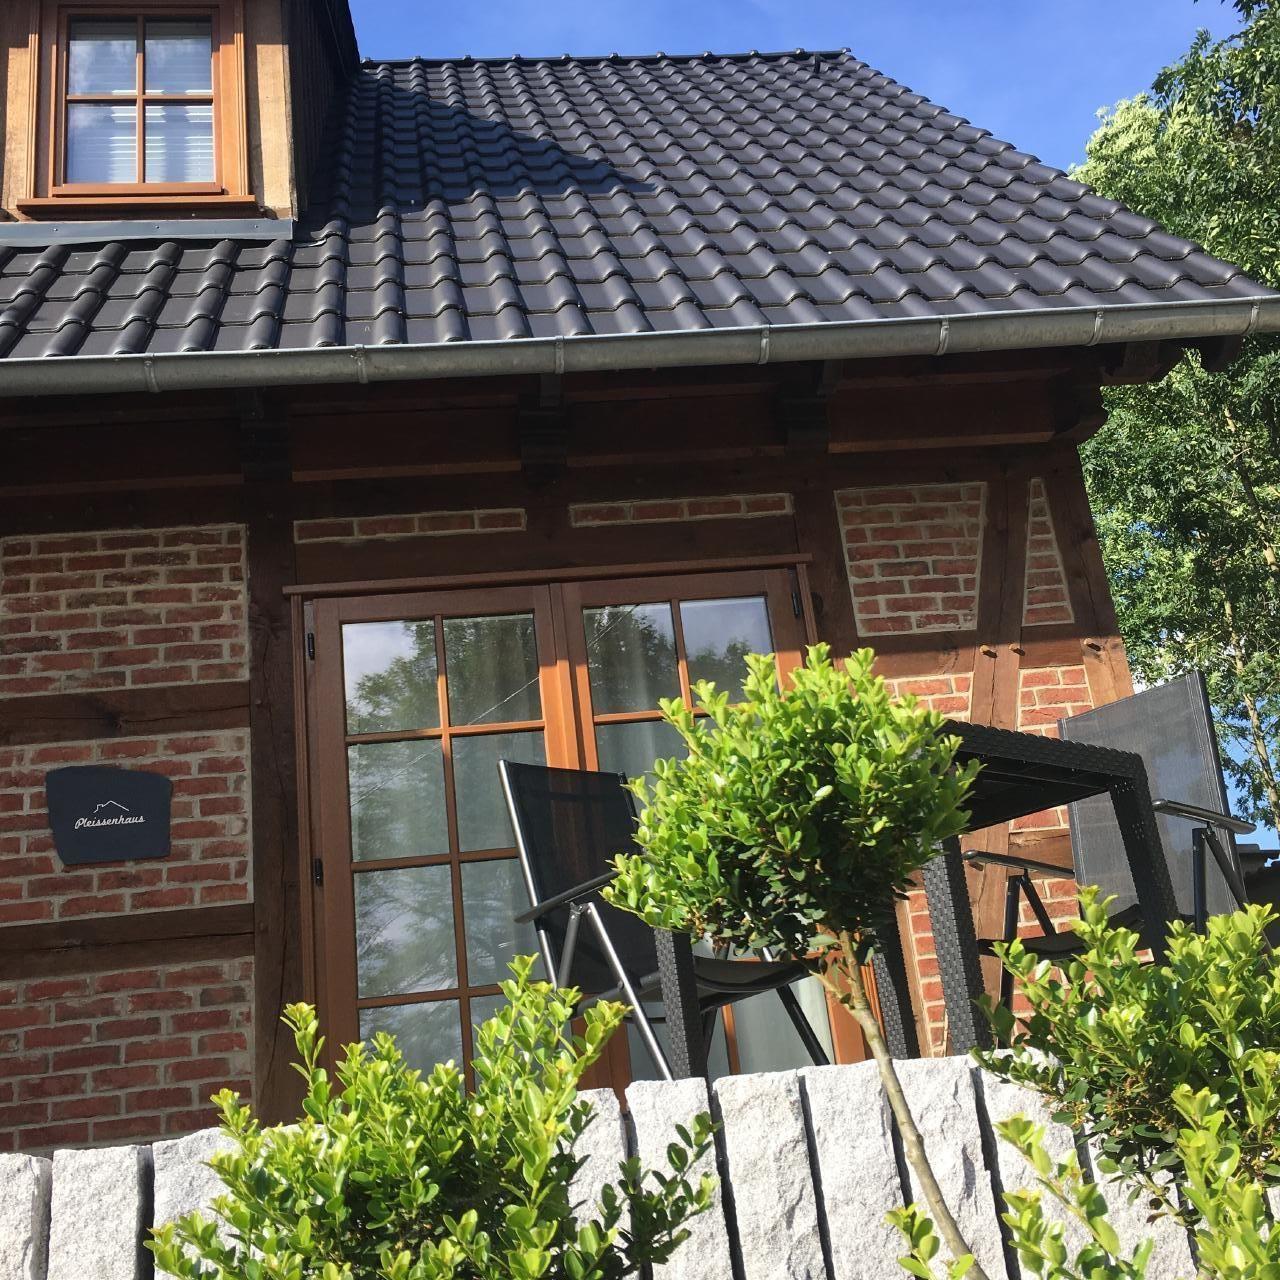 Ferienunterkunft auf 2500 m² für 2 Gäste